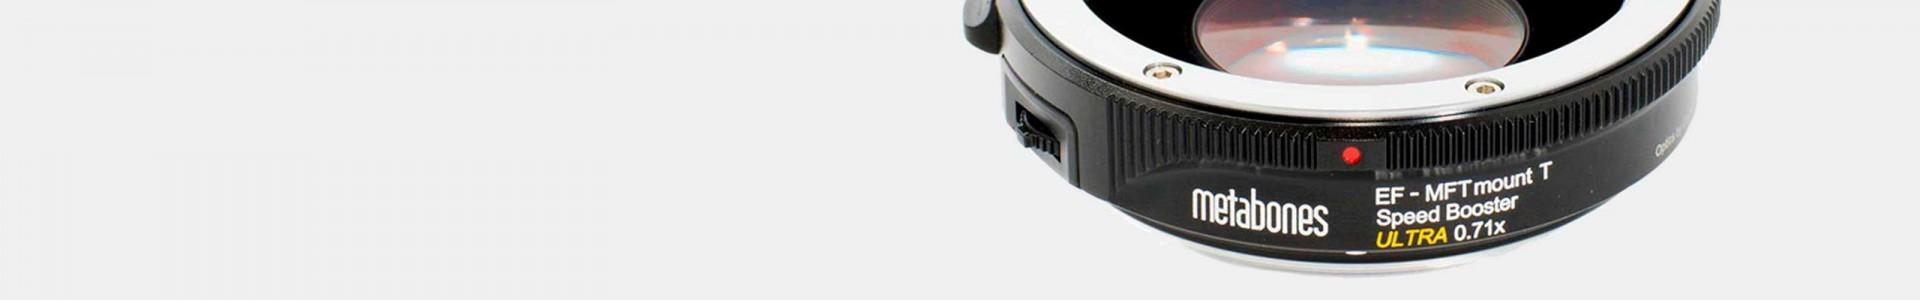 Metabones - Adaptadores Opticos - Avacab mejor precio online